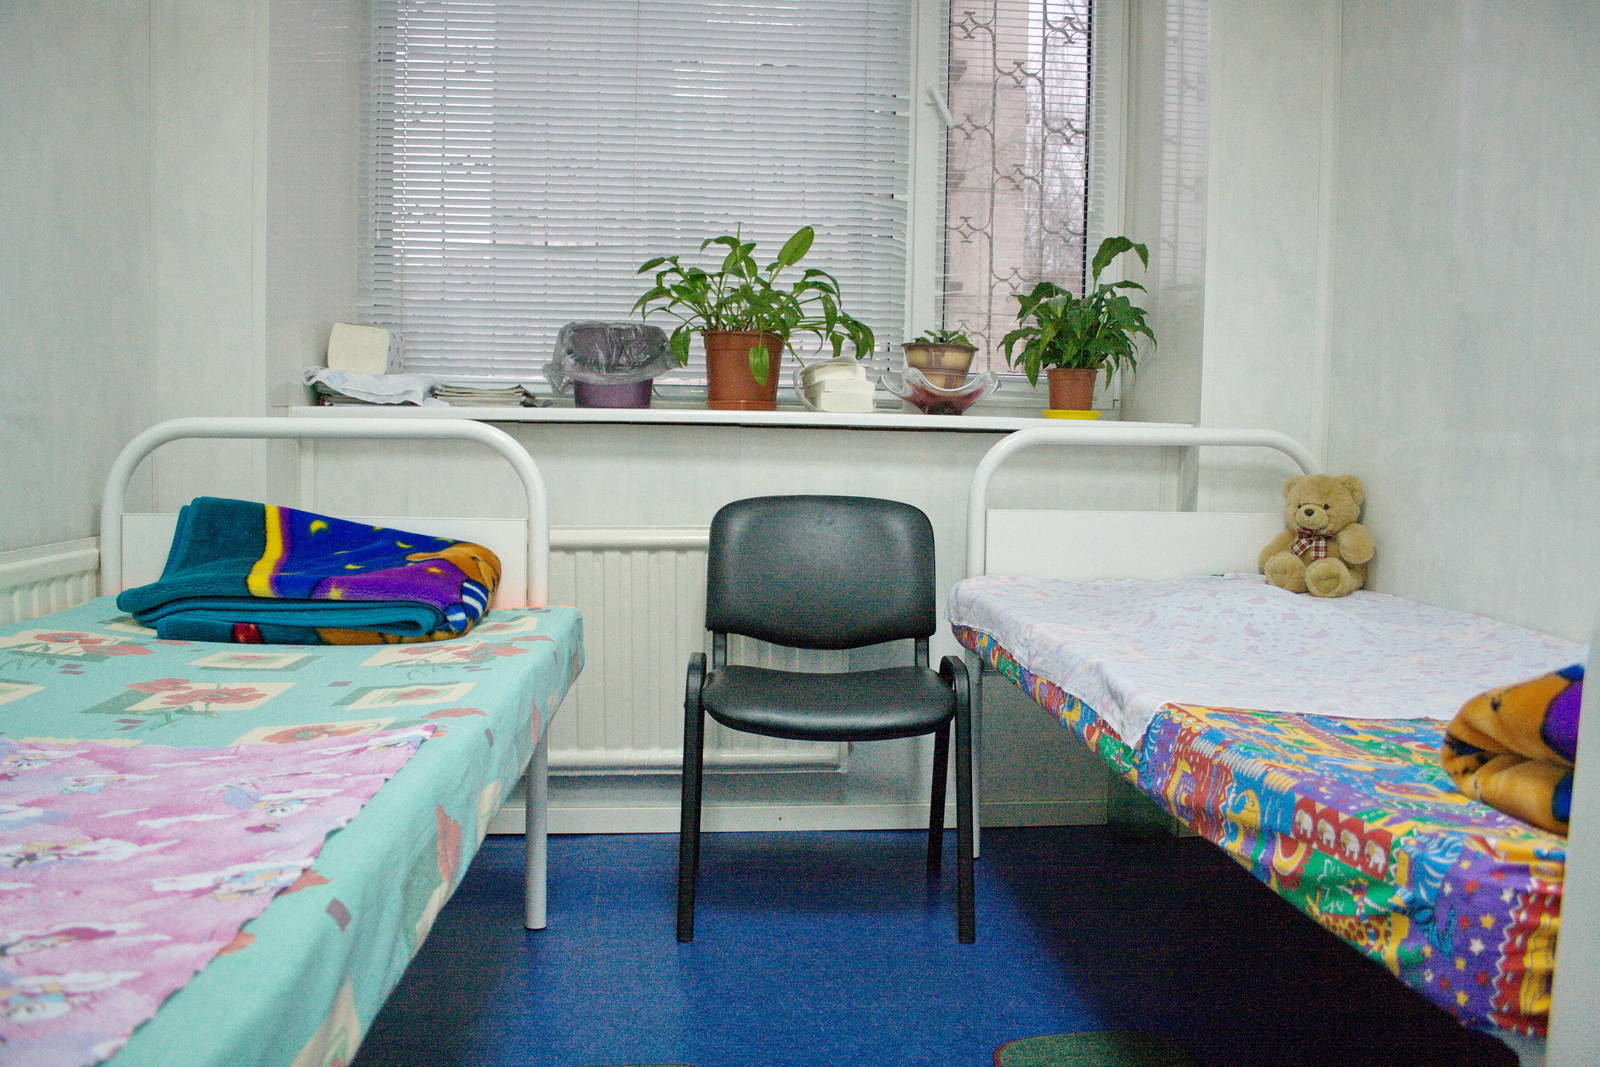 Адрес 4 городской поликлиники алматы